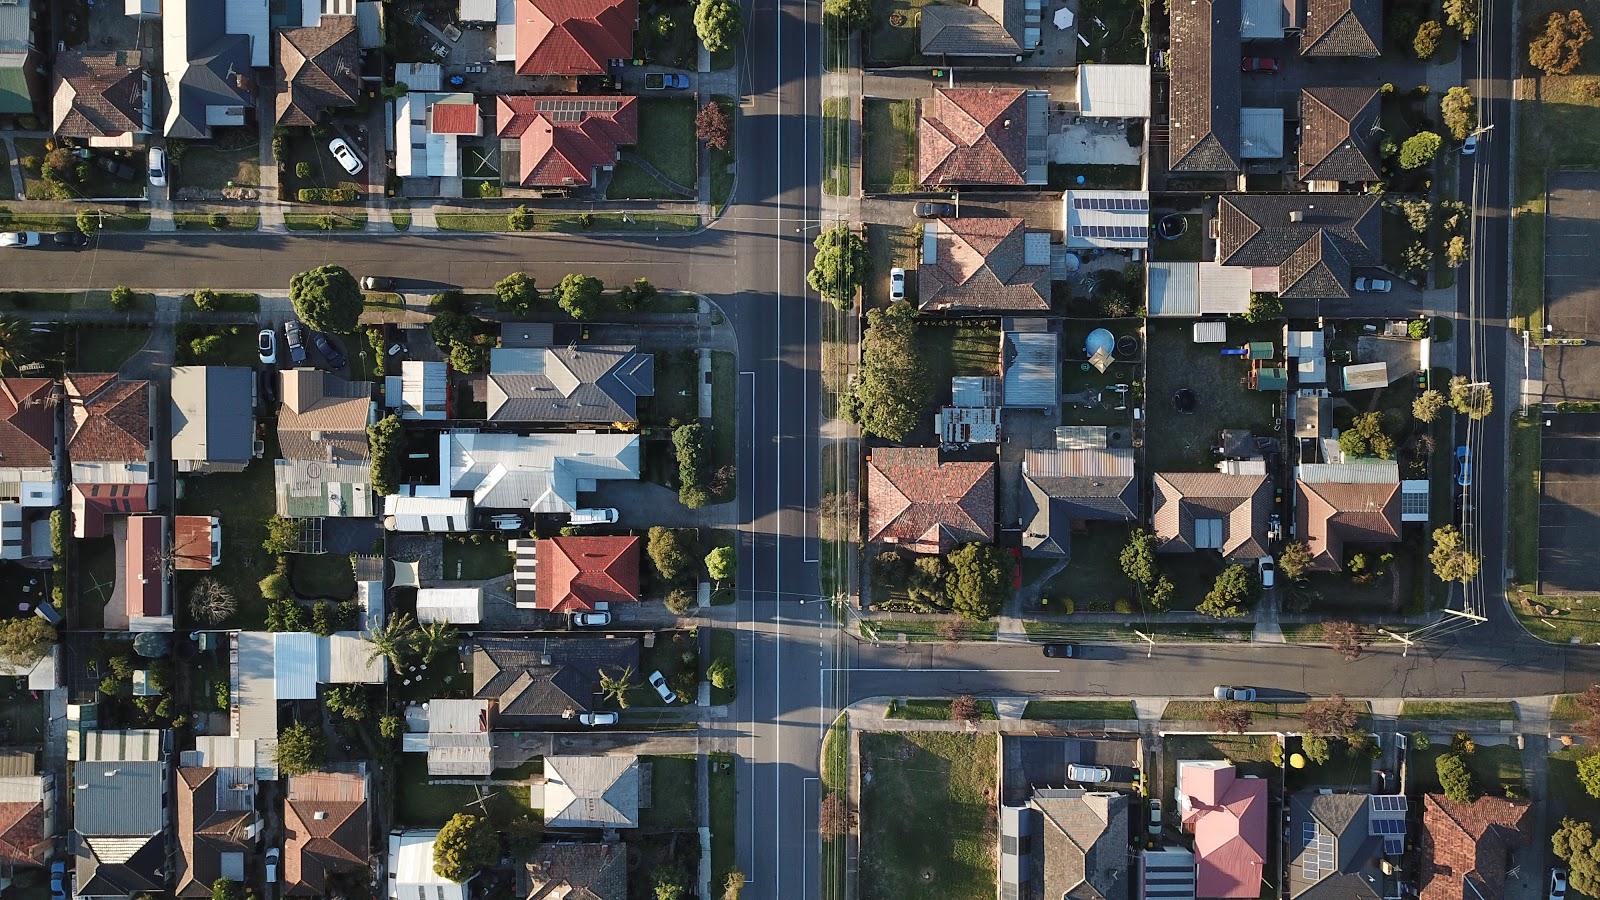 Housing neighborhood